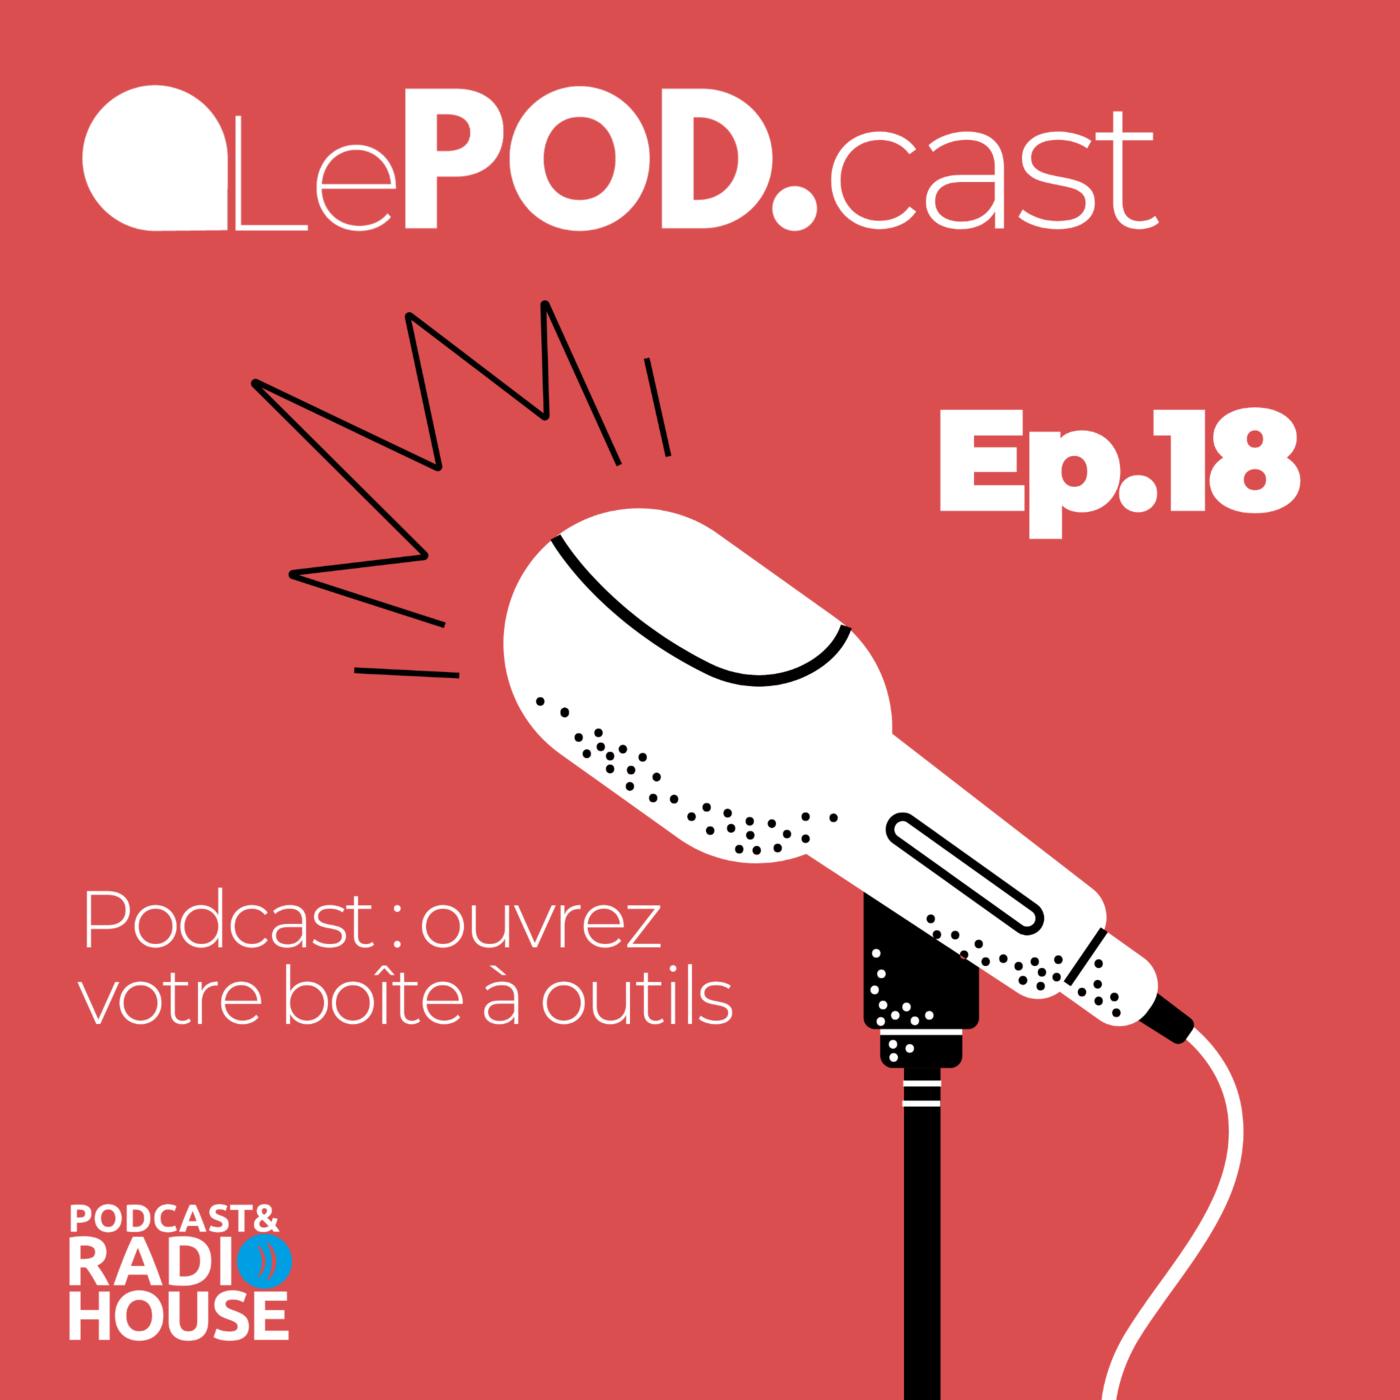 EP.18 - Podcast : ouvrez votre boîte à outils - Le POD.